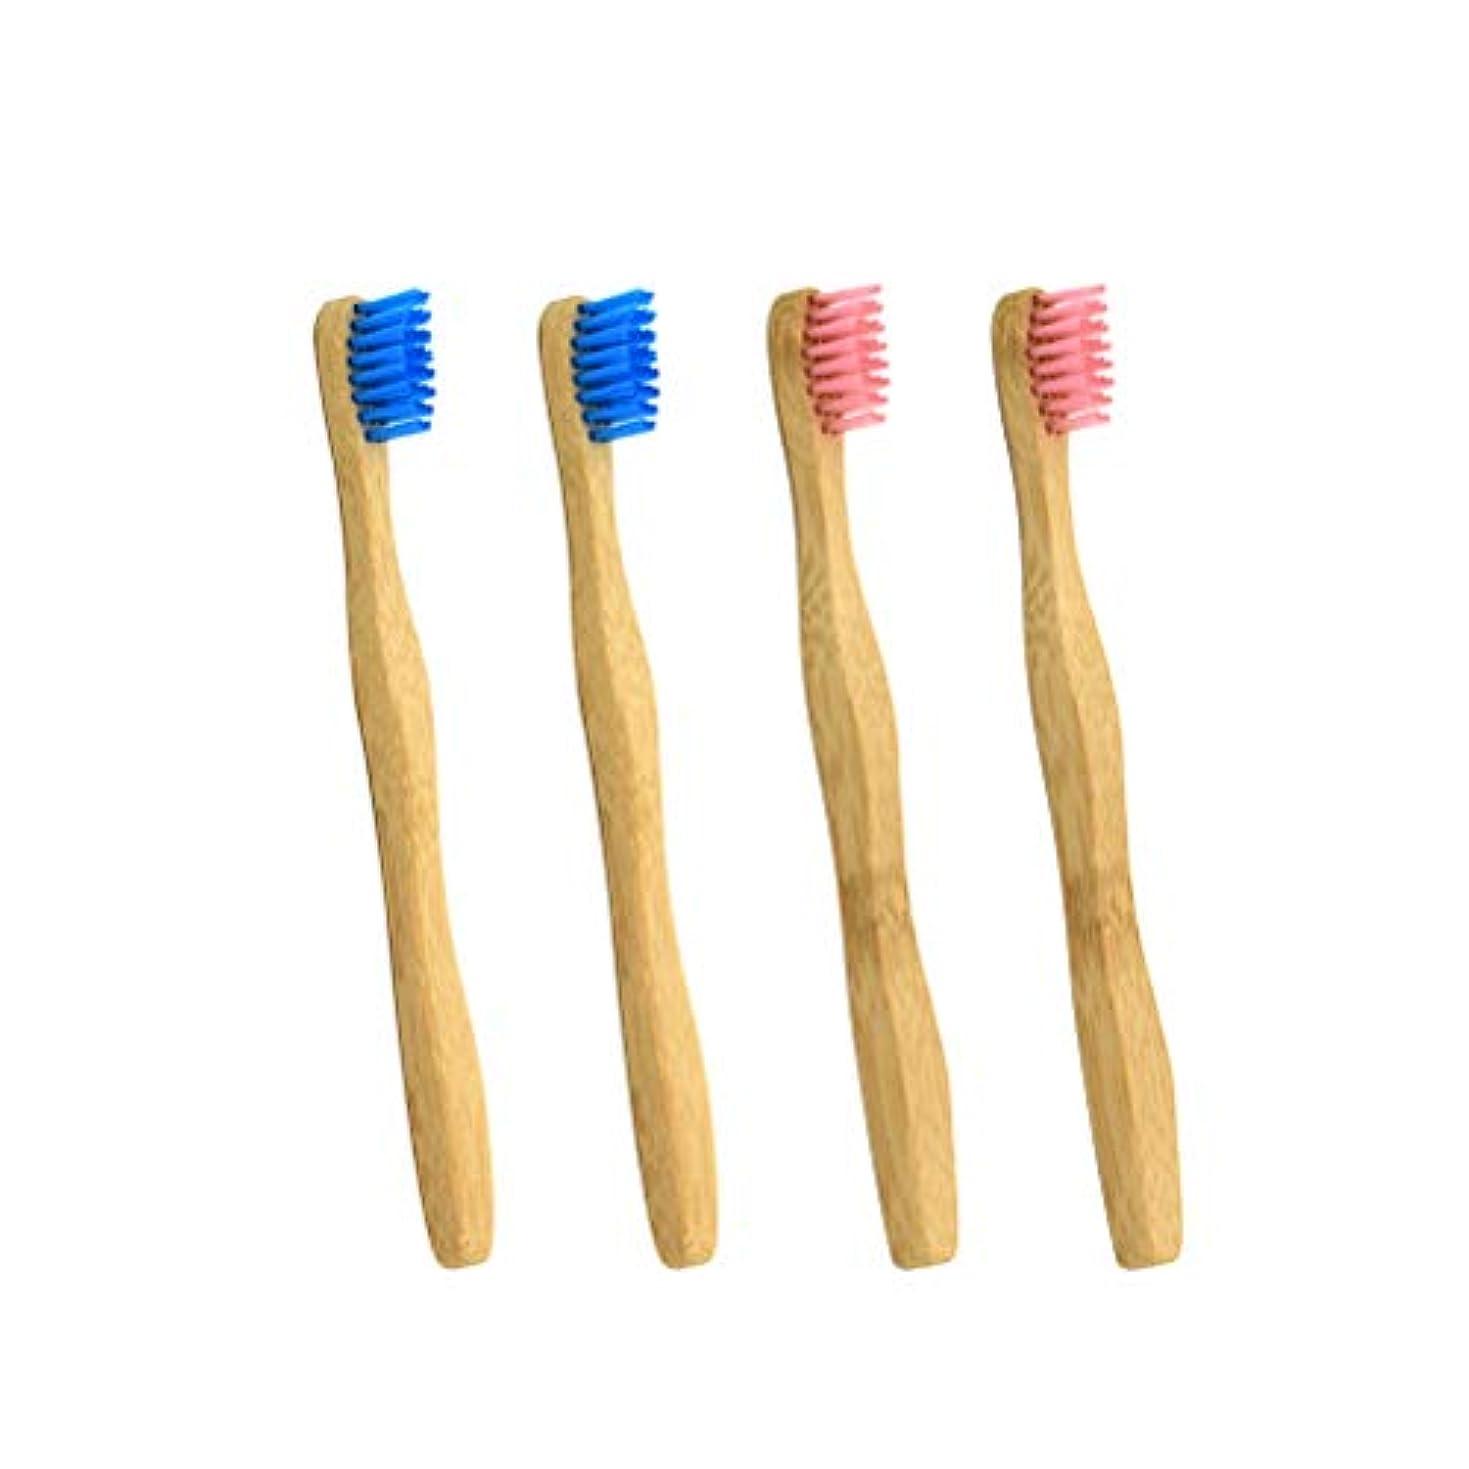 橋脚追放する鮫Healifty 歯ブラシ抗細菌キッズ歯ブラシ4本(ピンクとブルー各2本)